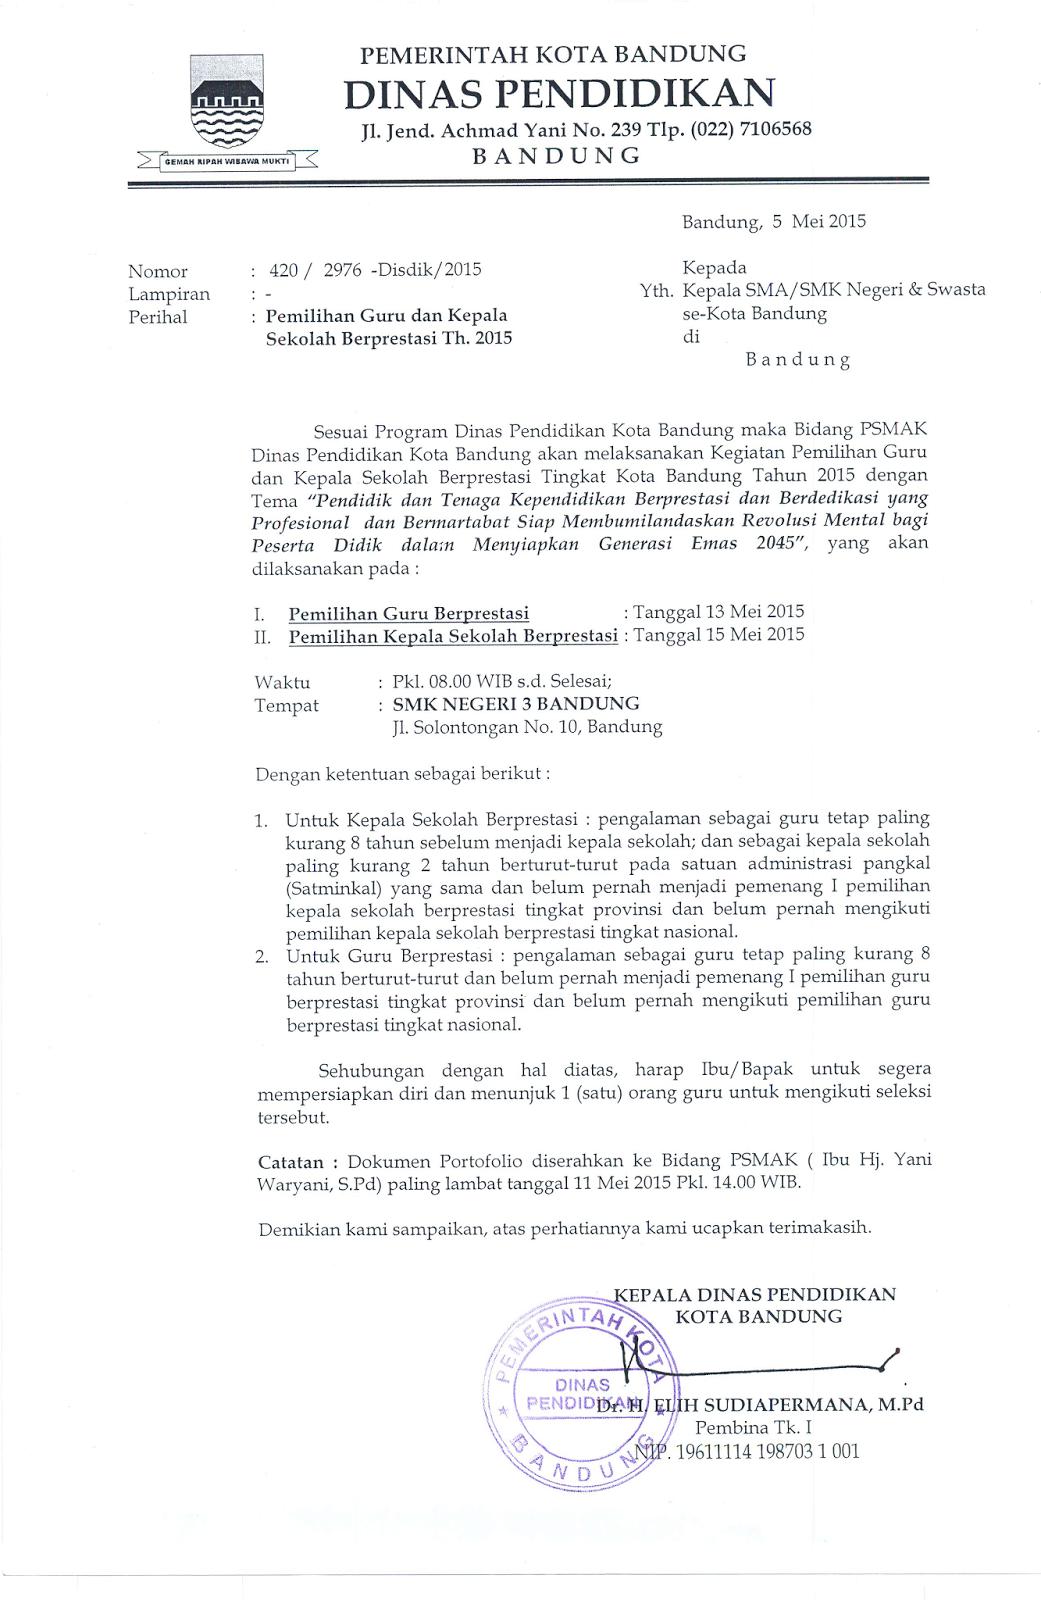 Contoh Surat Dinas Himbauan - Contoh VV